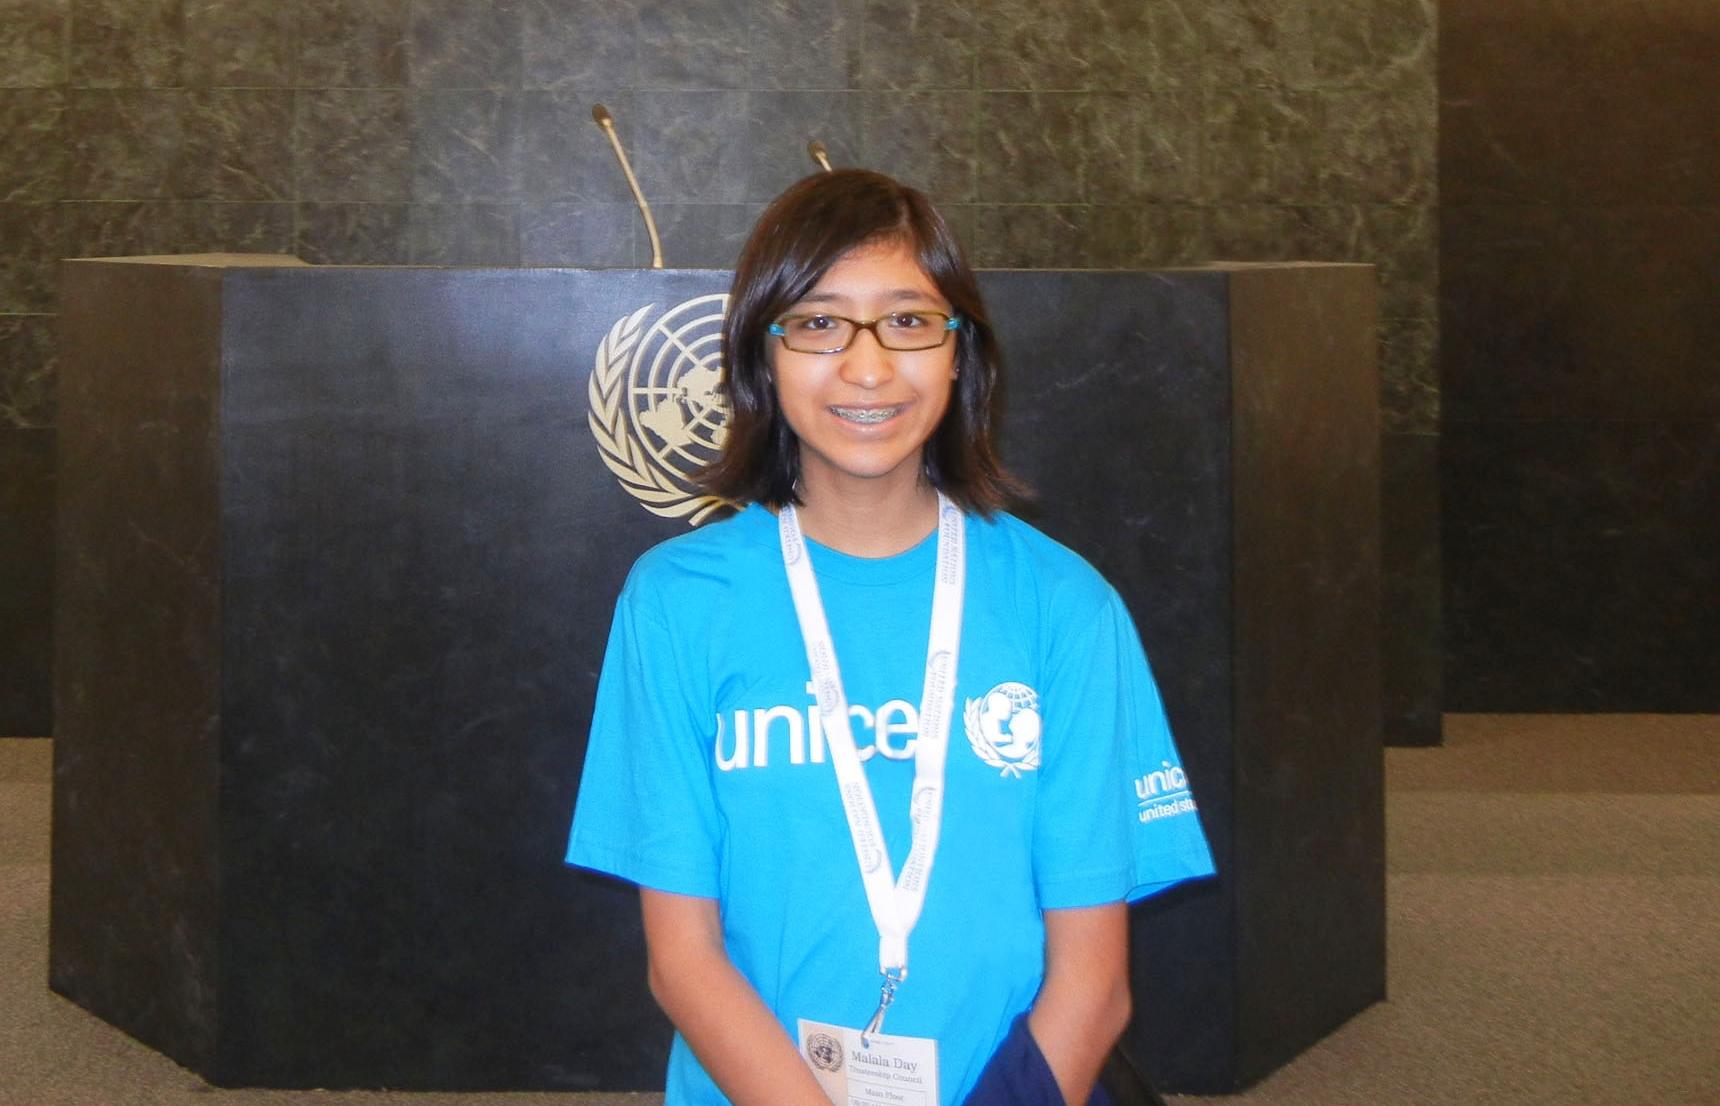 Mia Tsang at the UN on July 12.